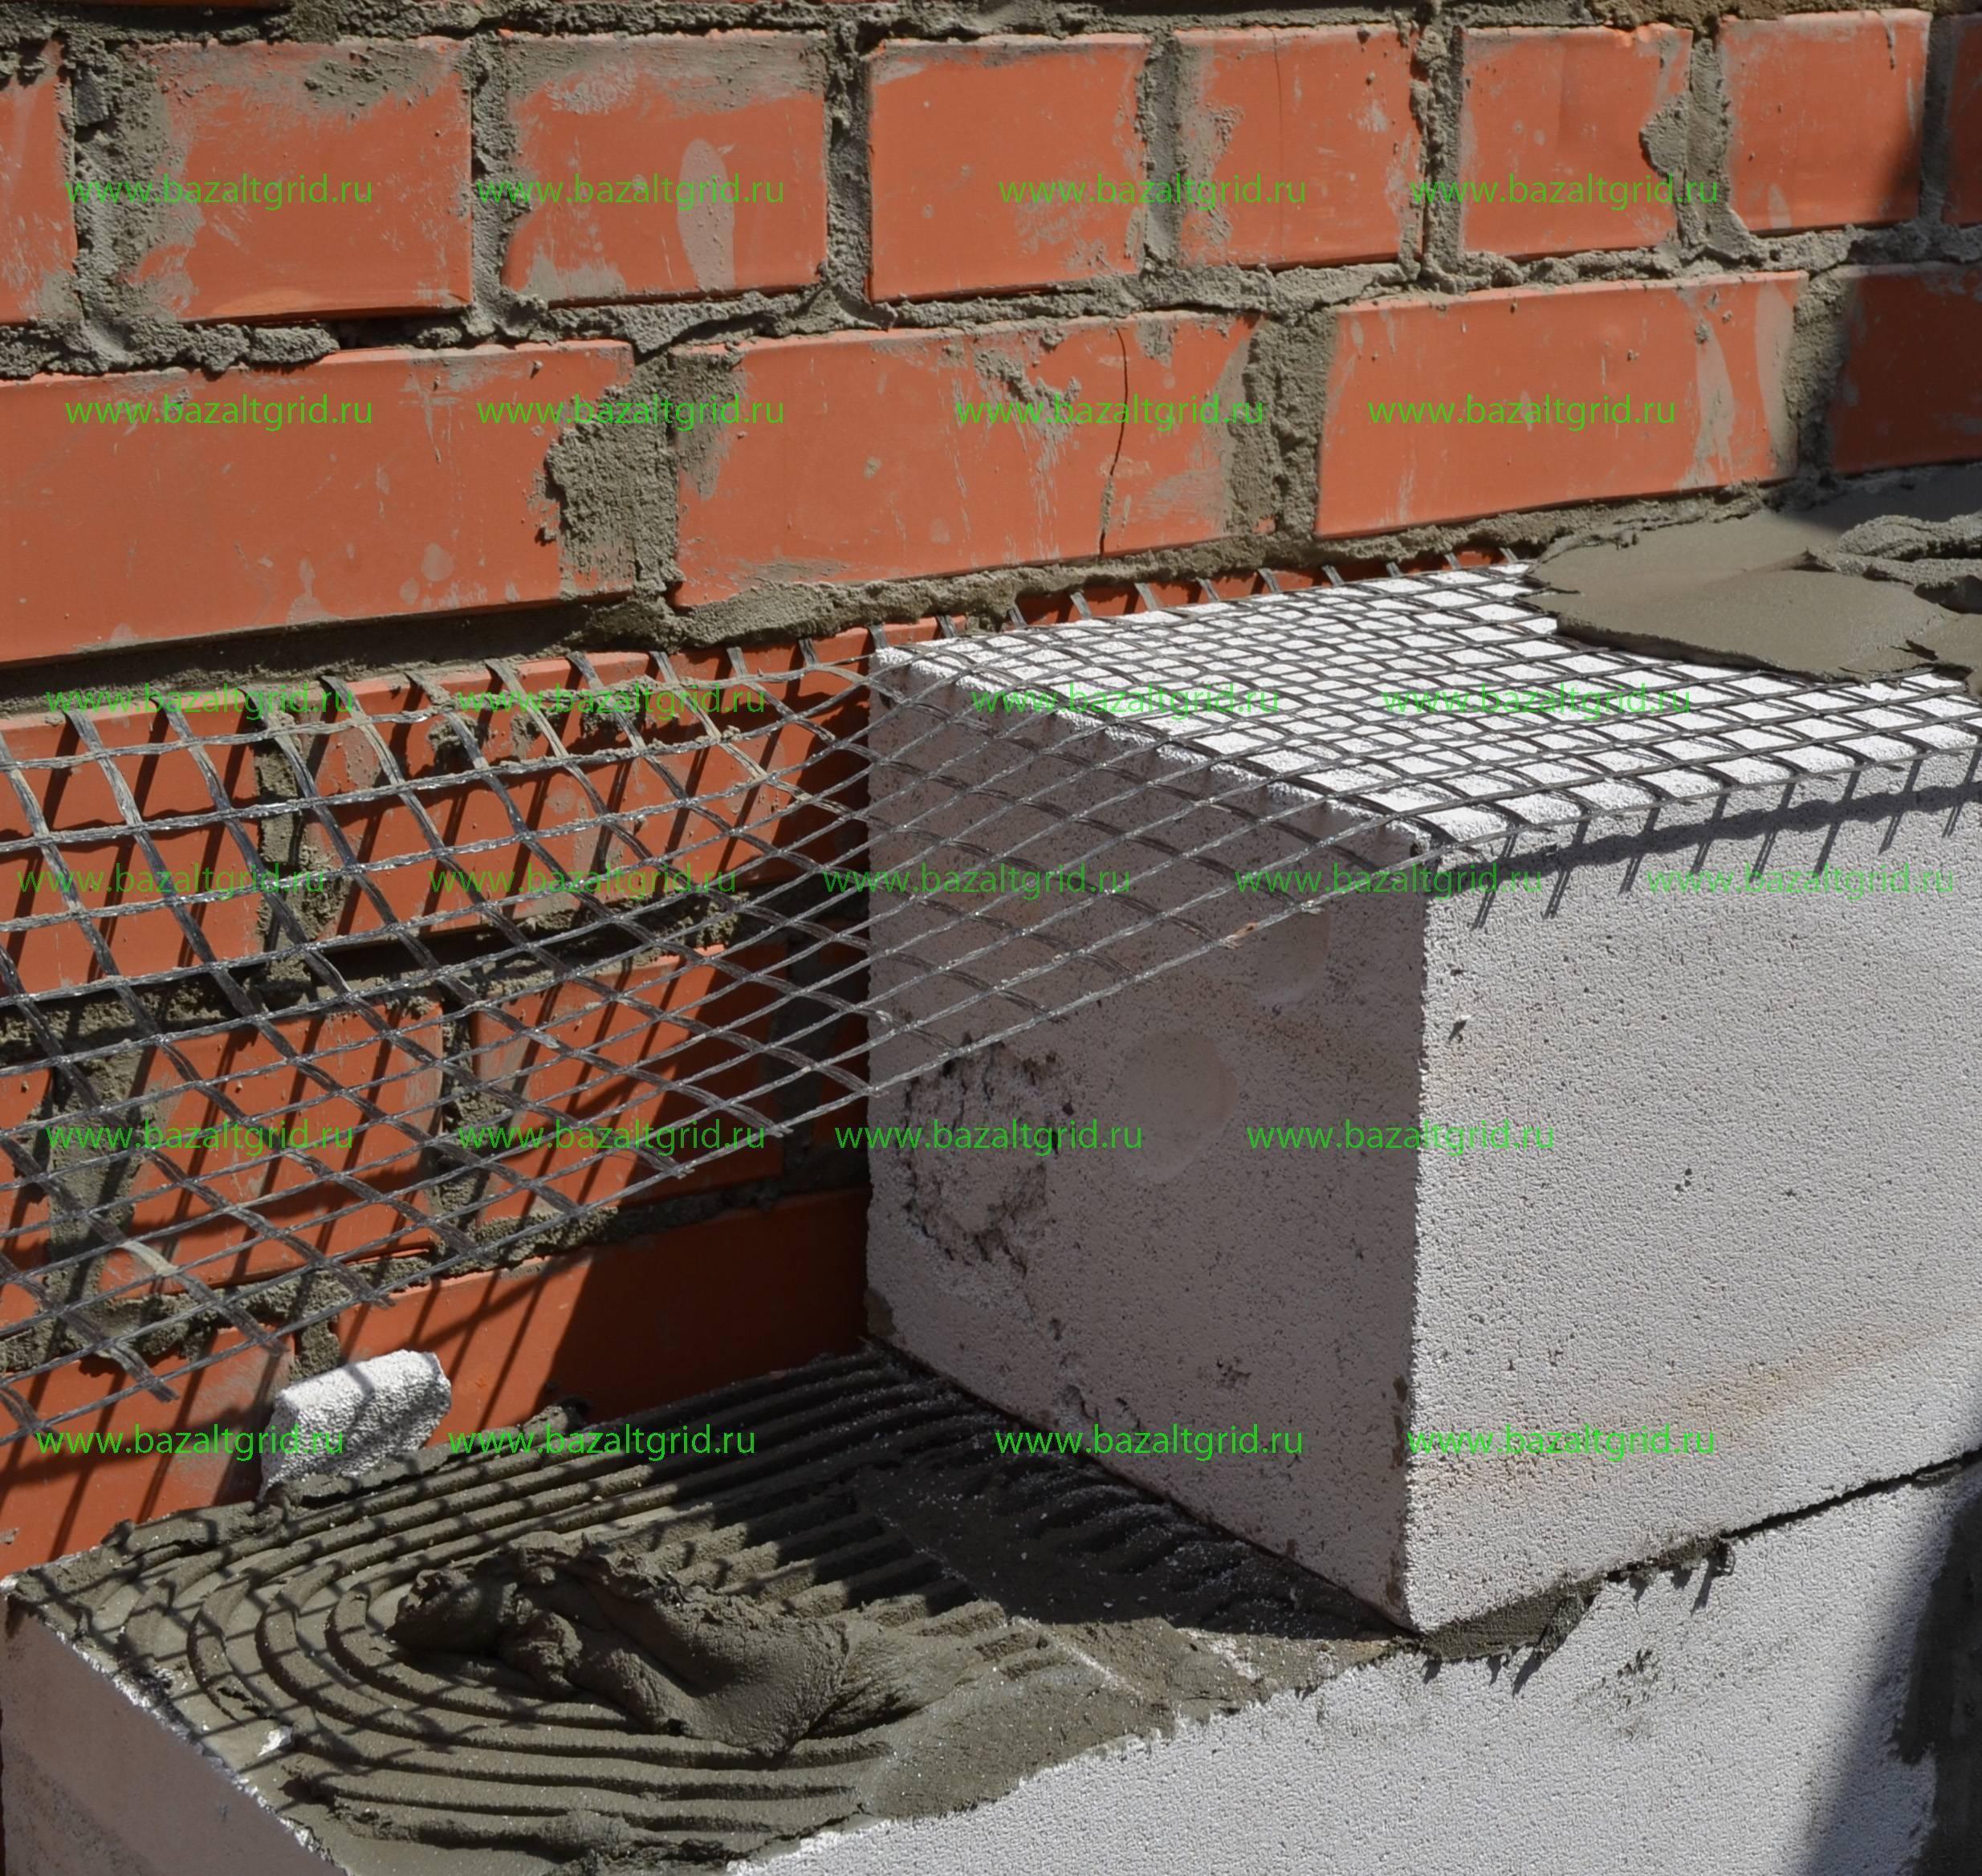 Как правильно сделать армирование газобетонных блоков своими руками: материалы, армопояс